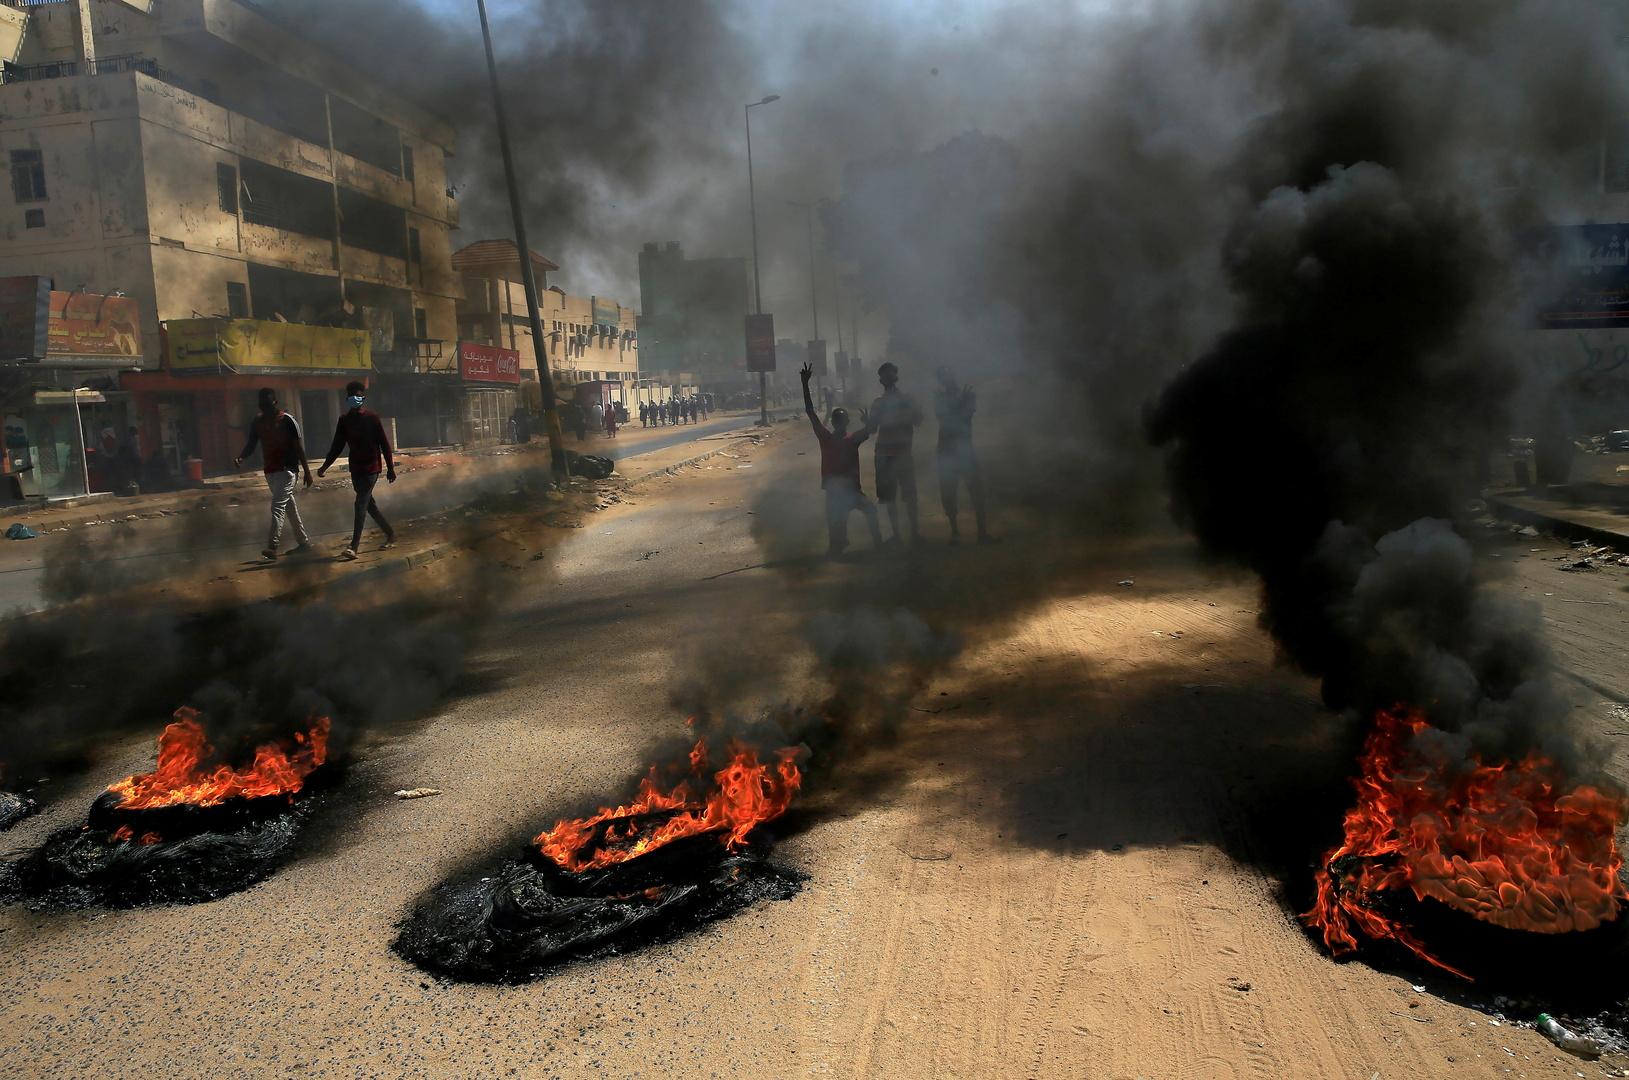 احتجاجات في الخرطوم في أكتوبر الماضي.